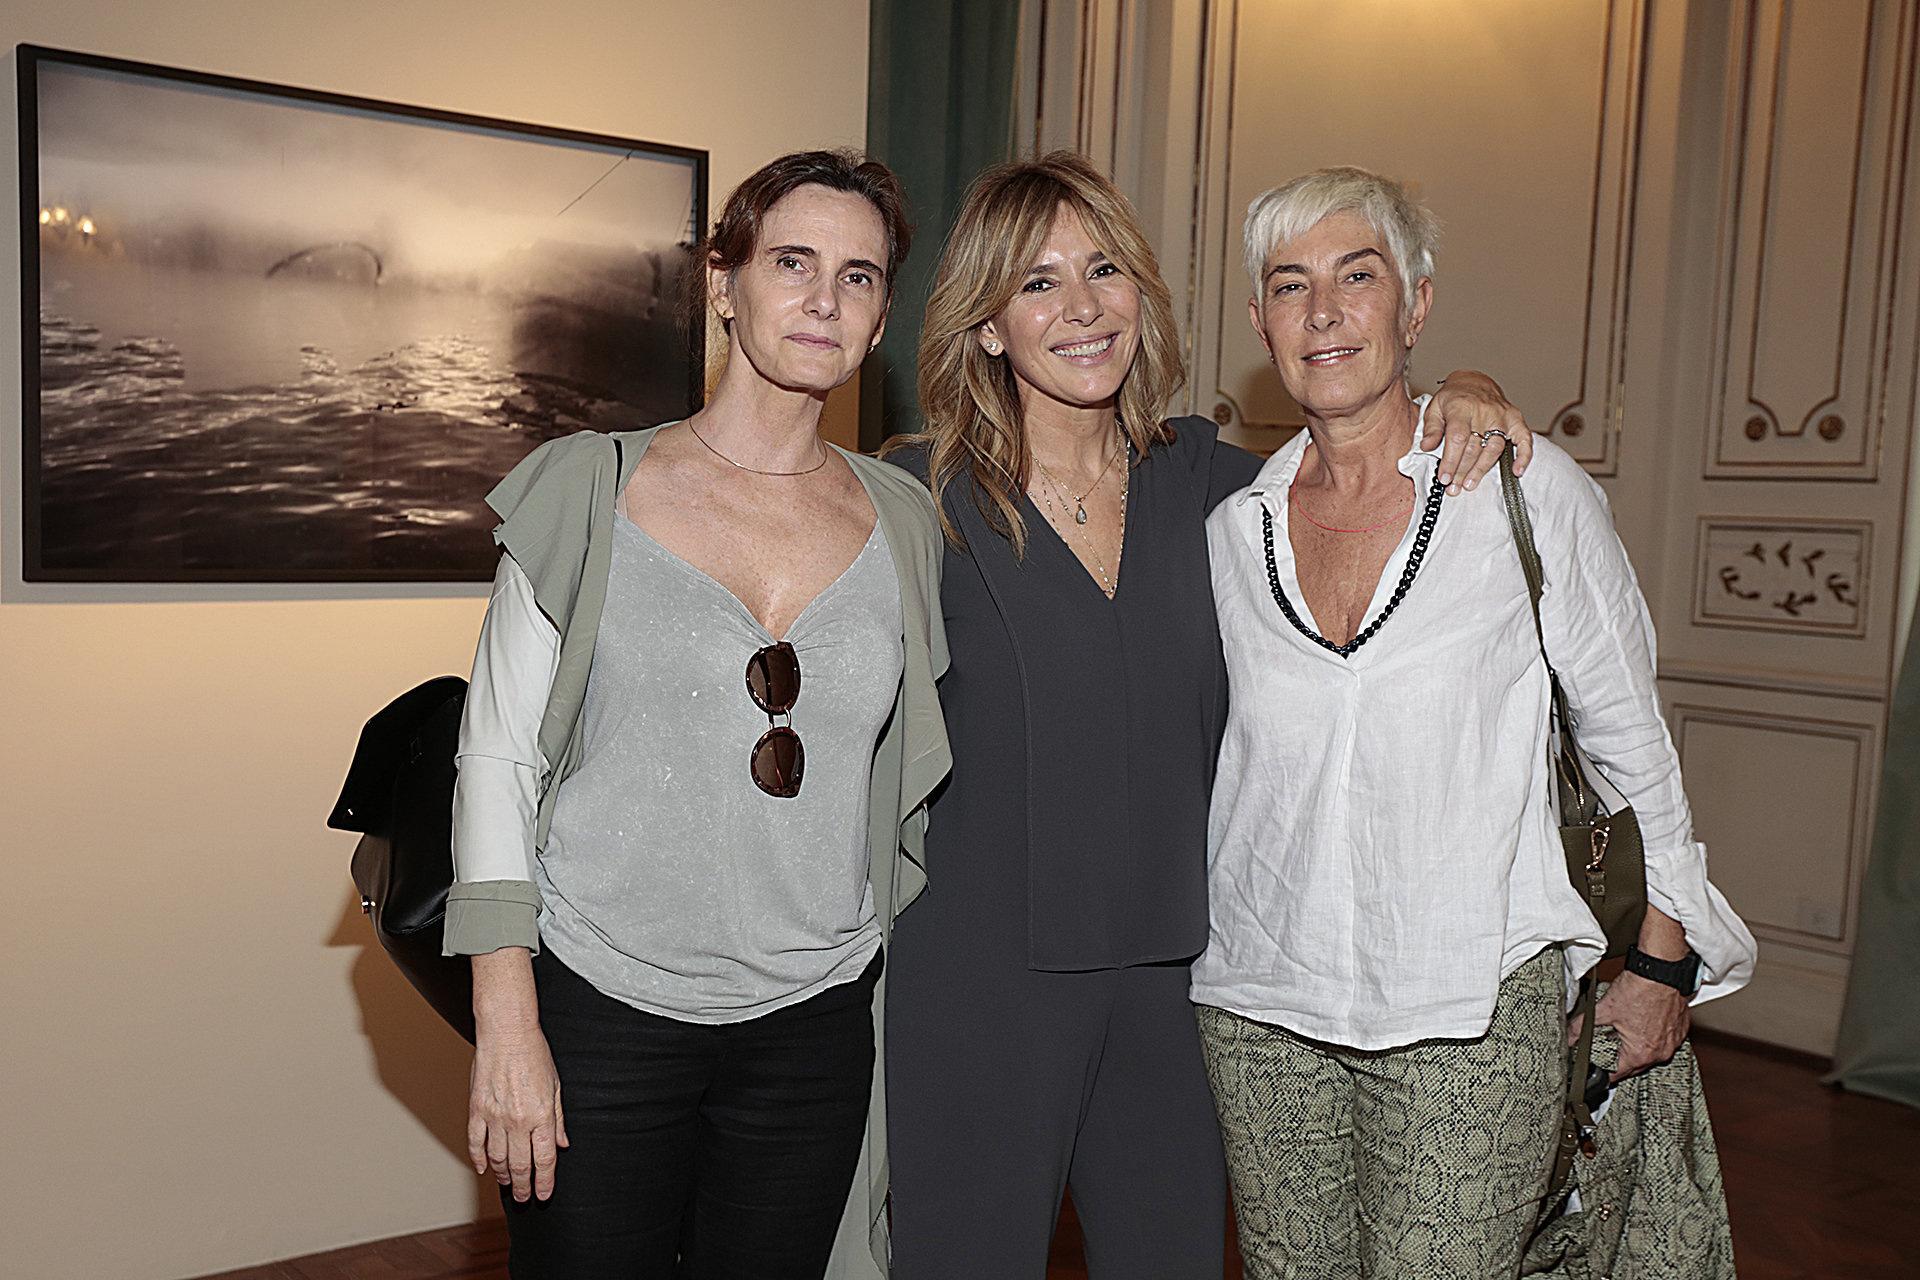 Las fotógrafas Andrea Alkalay y Andrea Guedella junto a la expositora